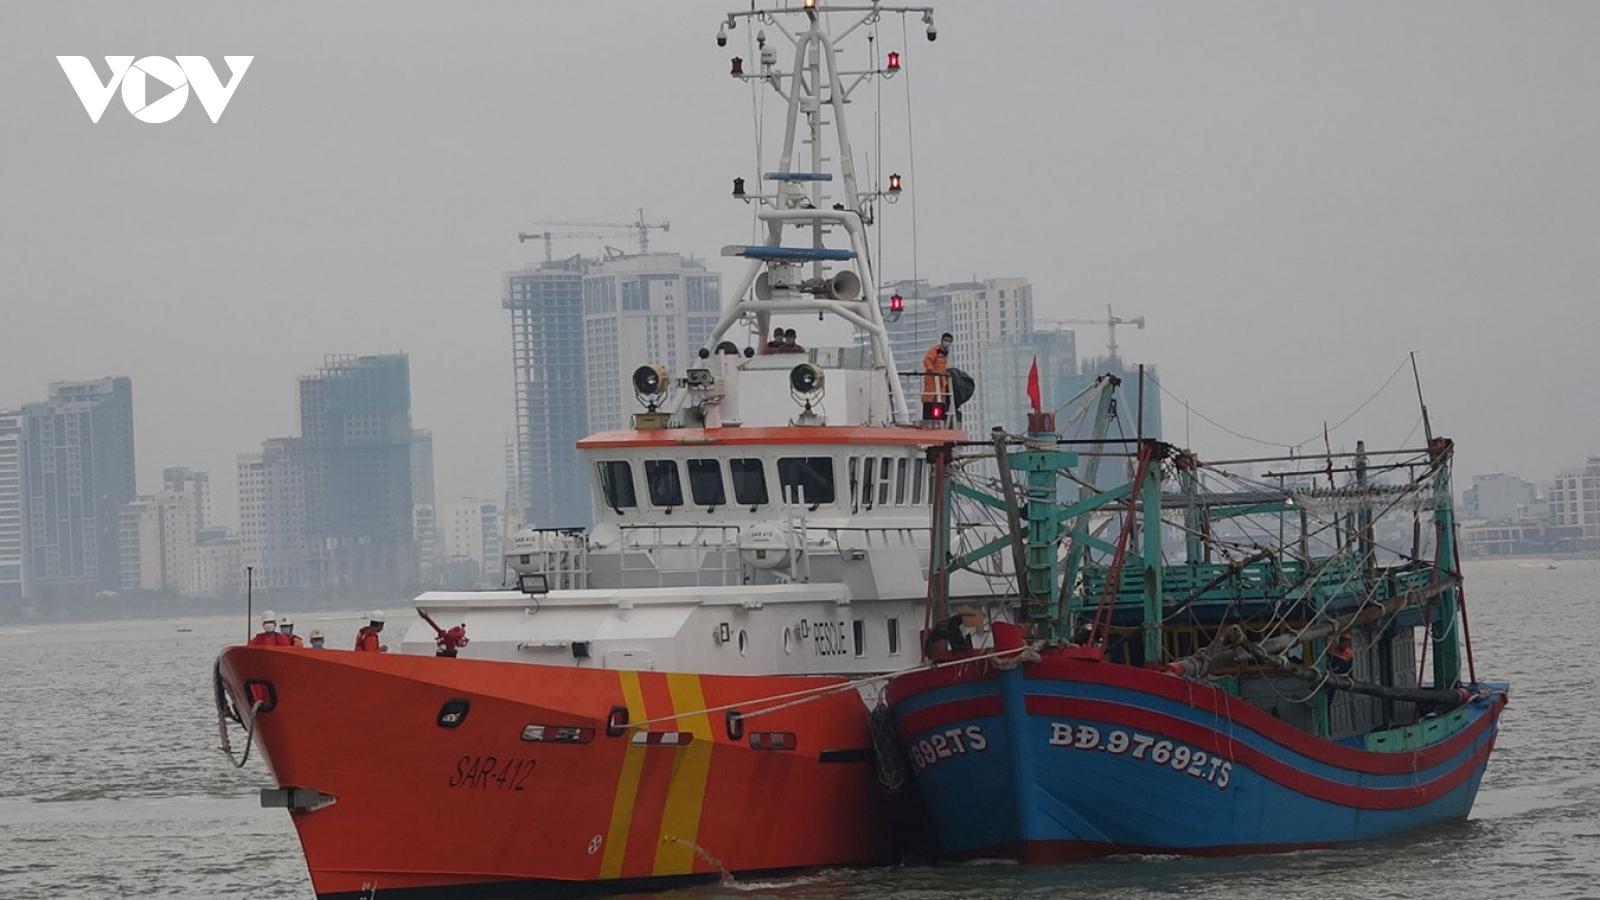 Tàu cá cùng 7 ngư dân gặp nạn trên biển